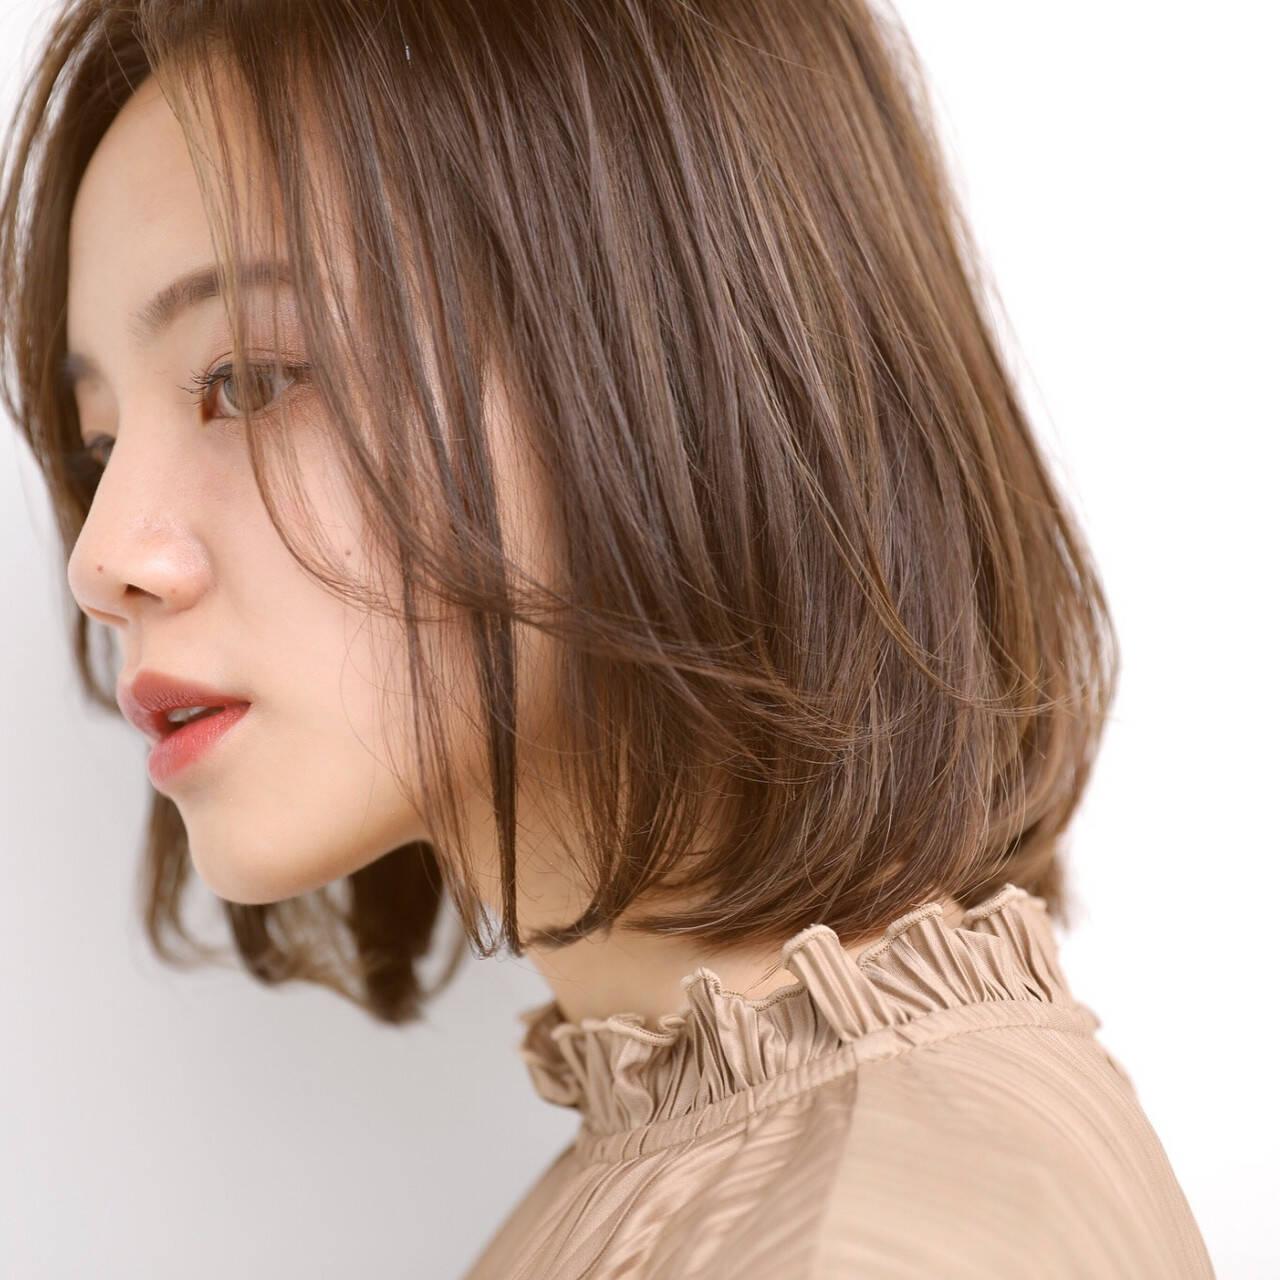 ミニボブ 切りっぱなしボブ アンニュイ ベージュヘアスタイルや髪型の写真・画像